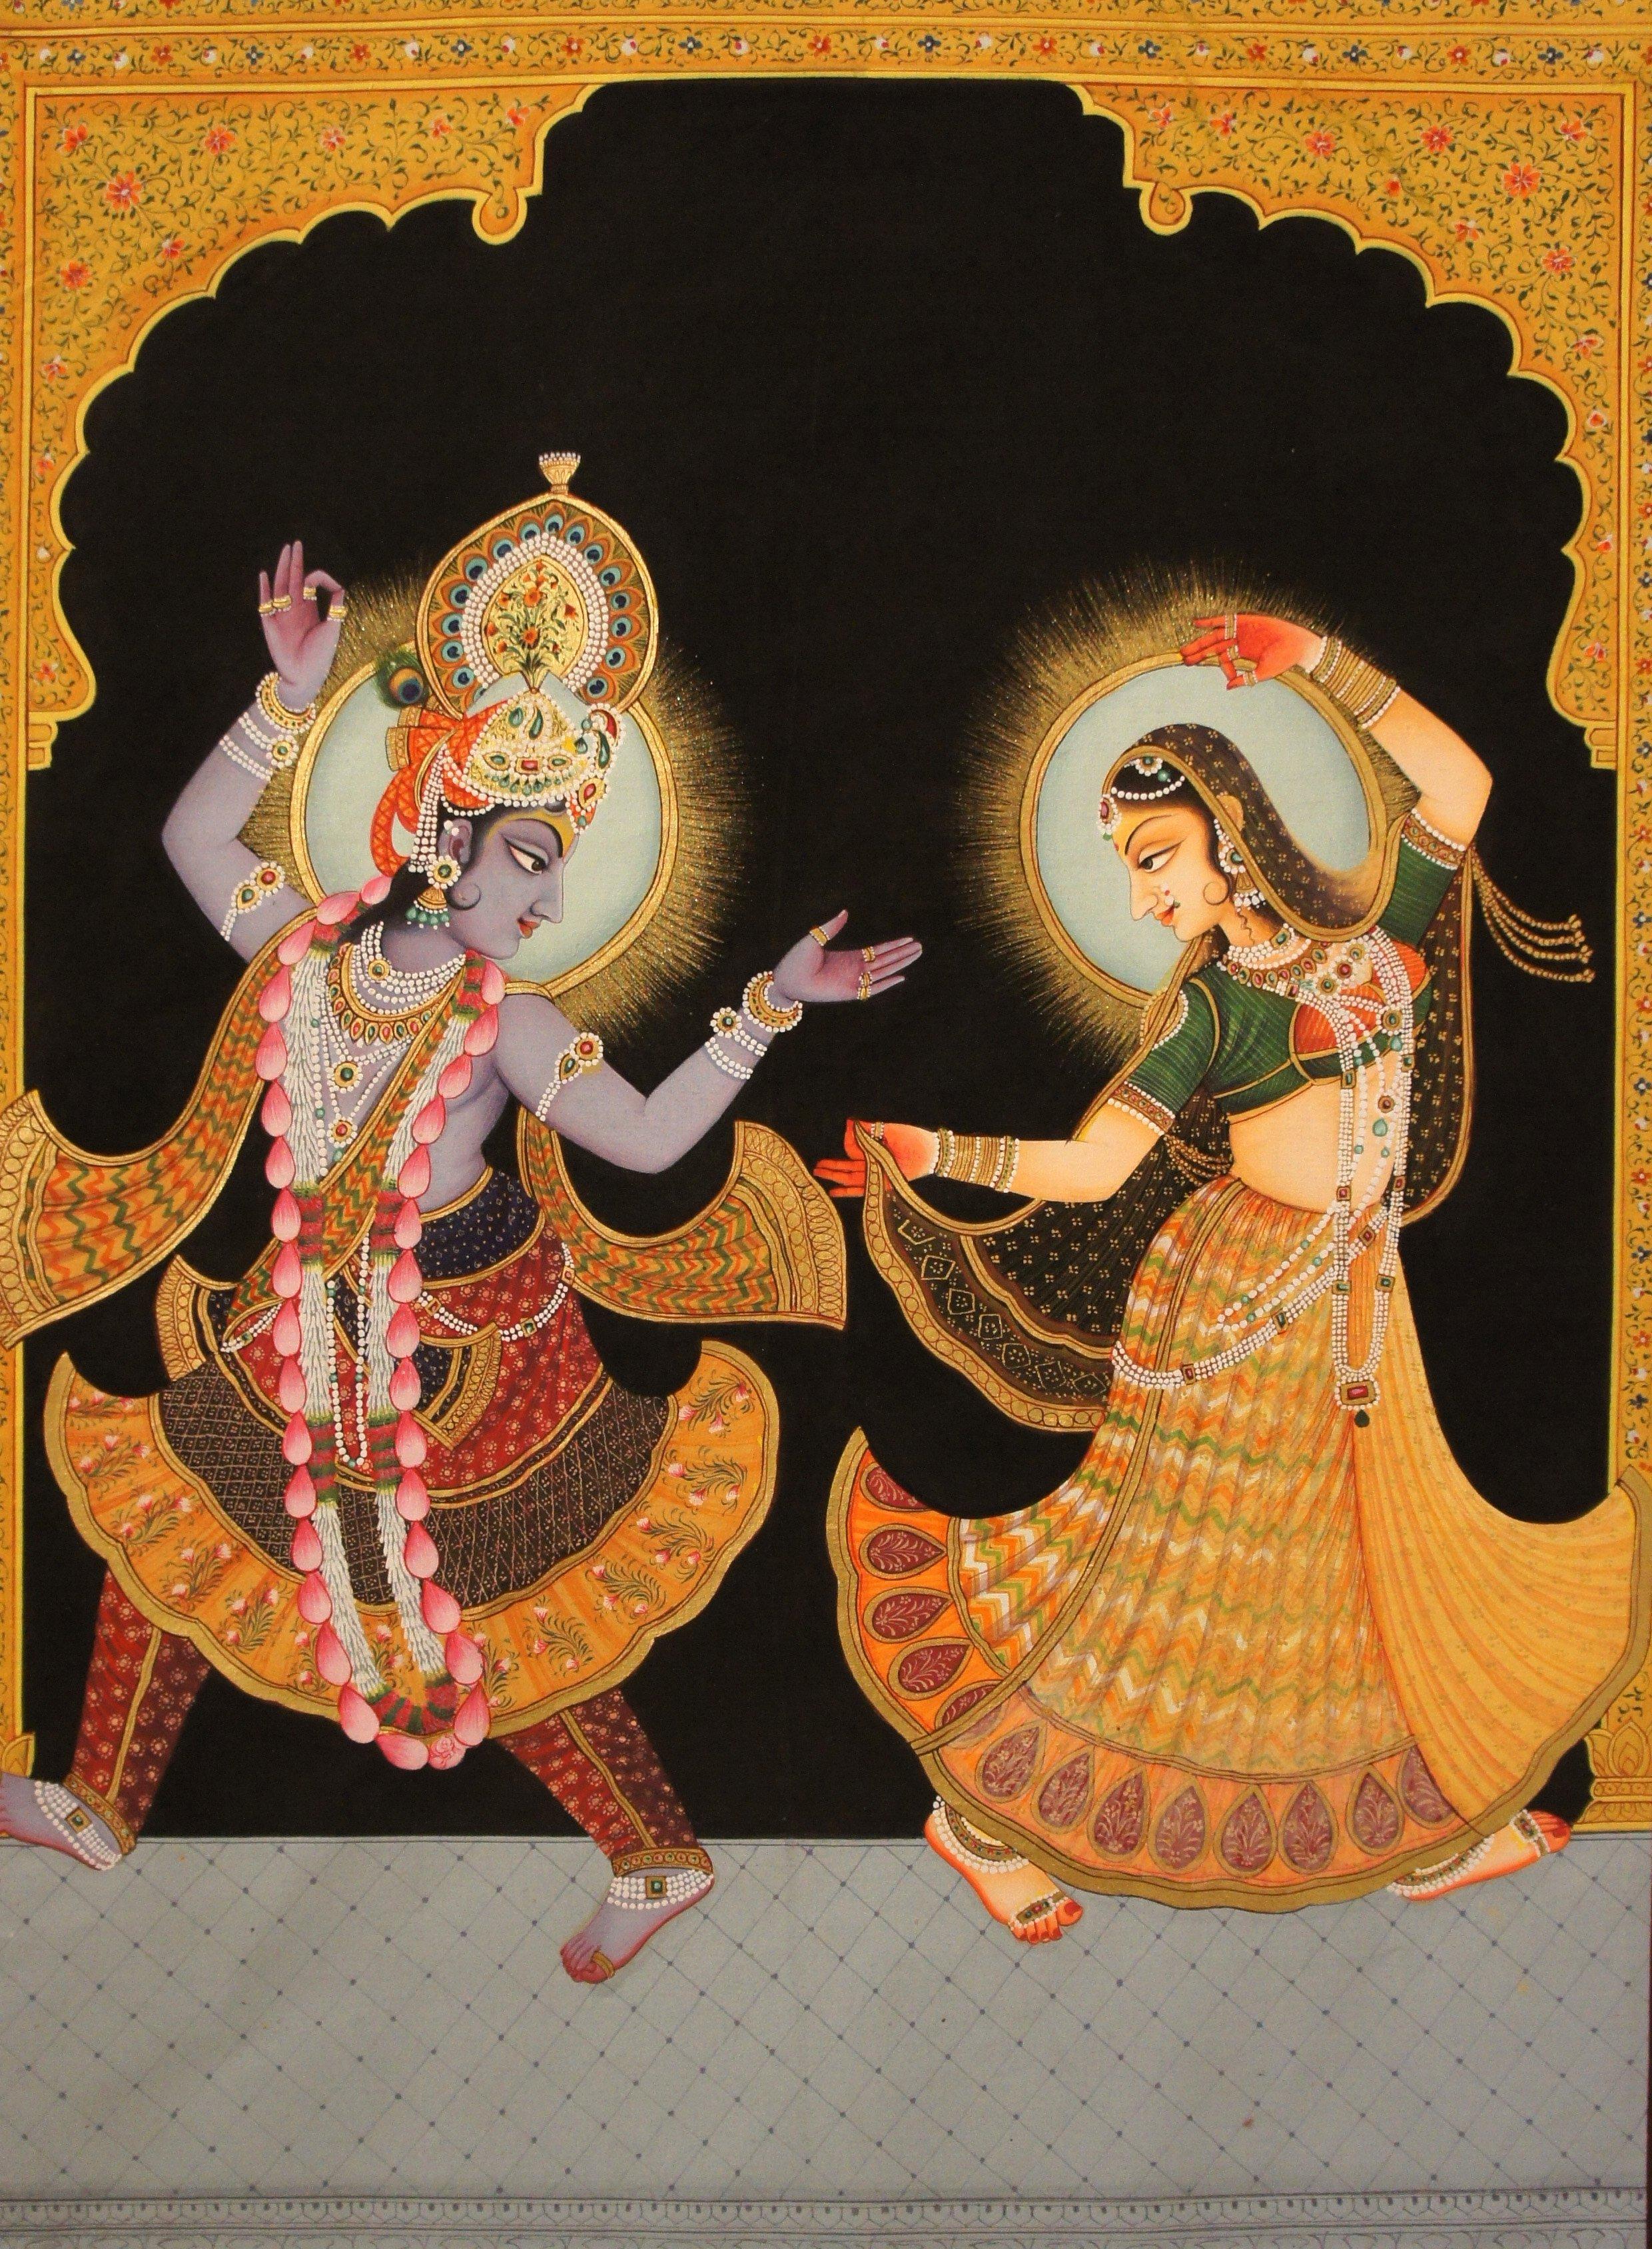 что урбанский индийская культура картинки нас